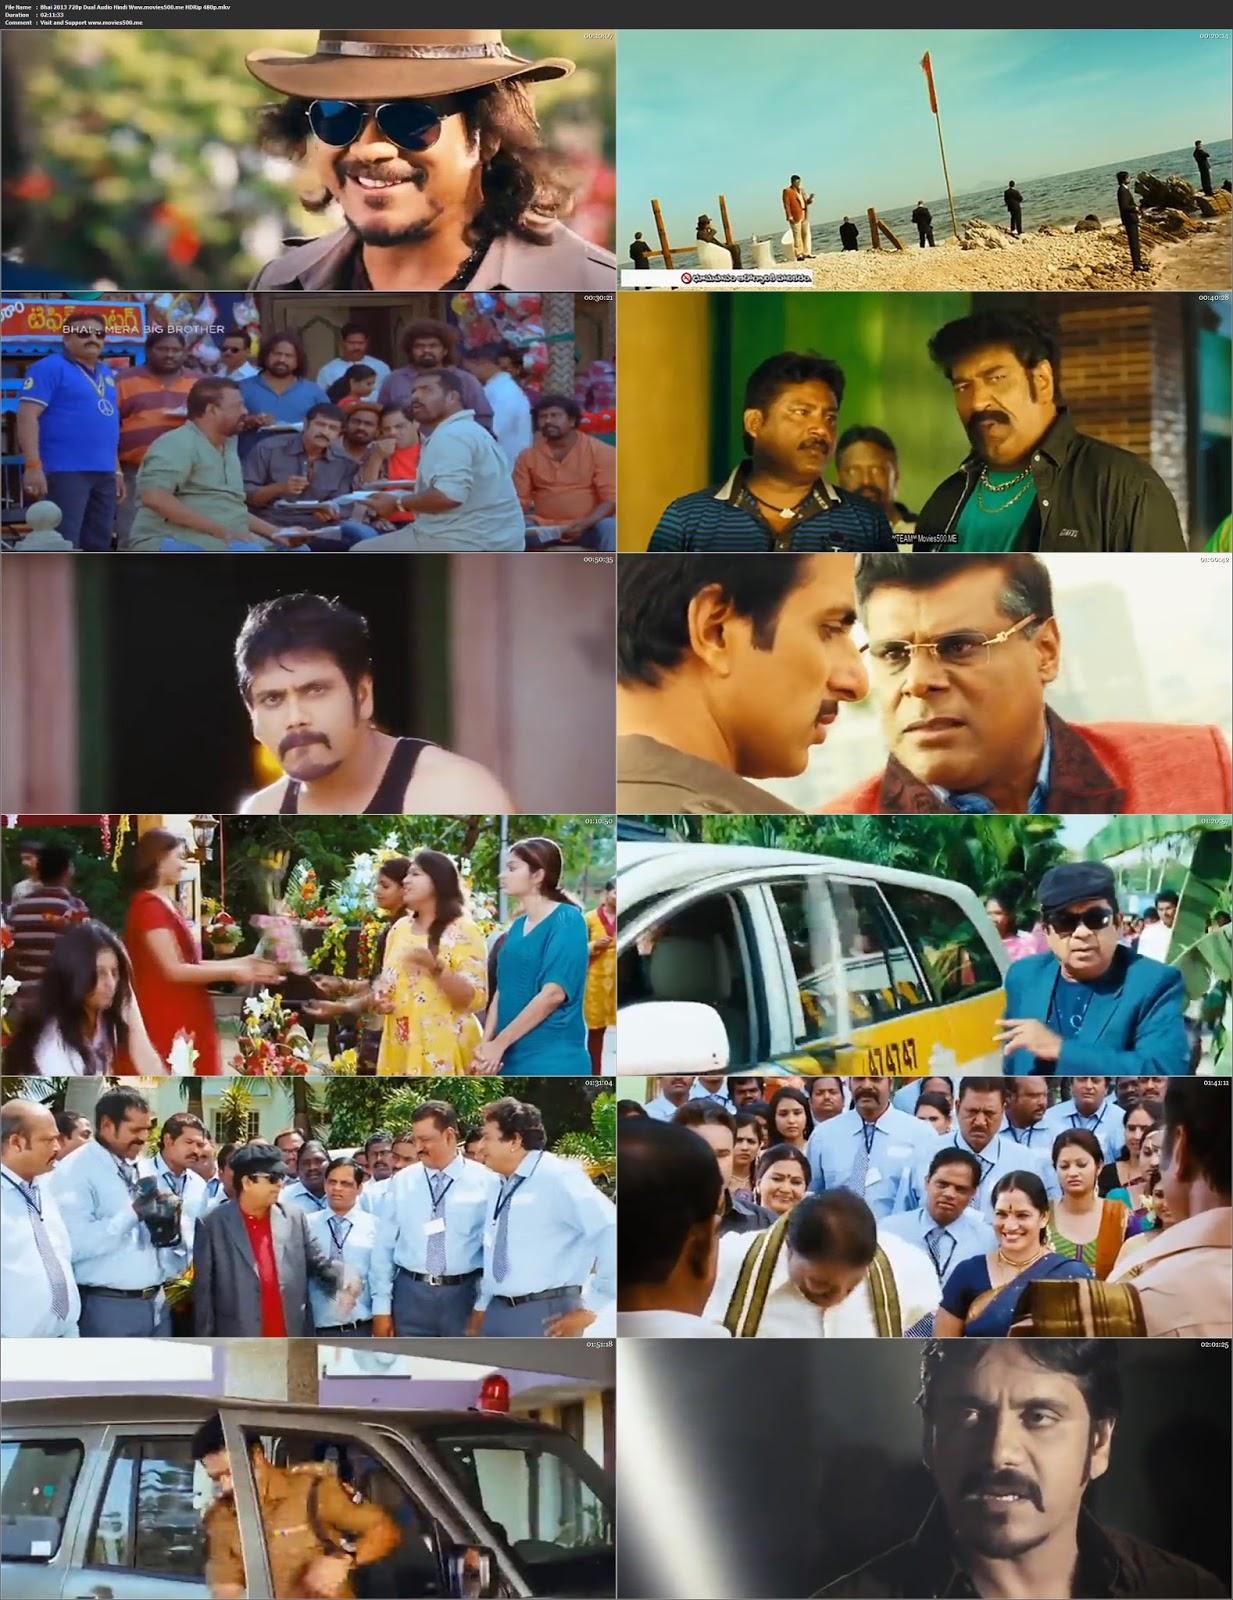 Bhai 2013 Hindi Dubbed 400MB HDRip 480p at movies500.info